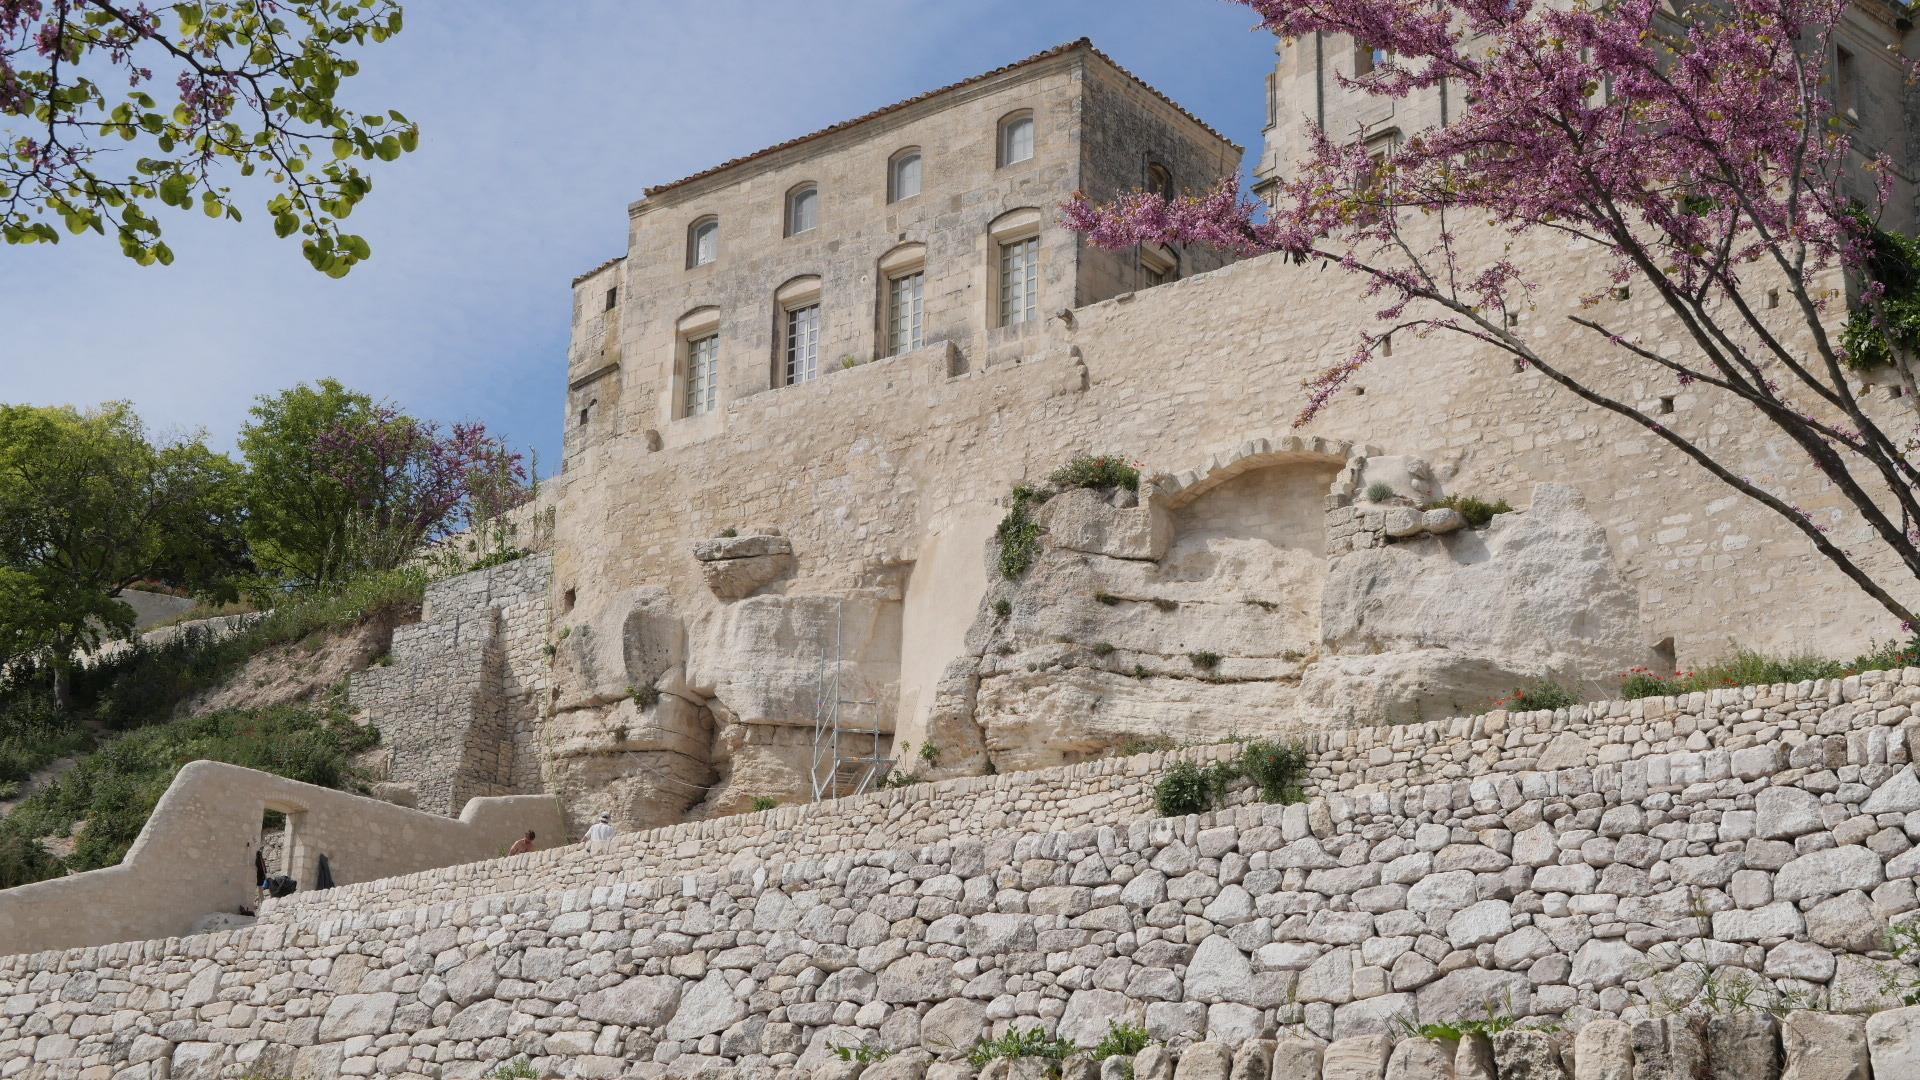 Malgré la fermeture du monument et grâce à des visites commentées, partez à la découverte des extérieurs de l'abbaye de Montmajour.